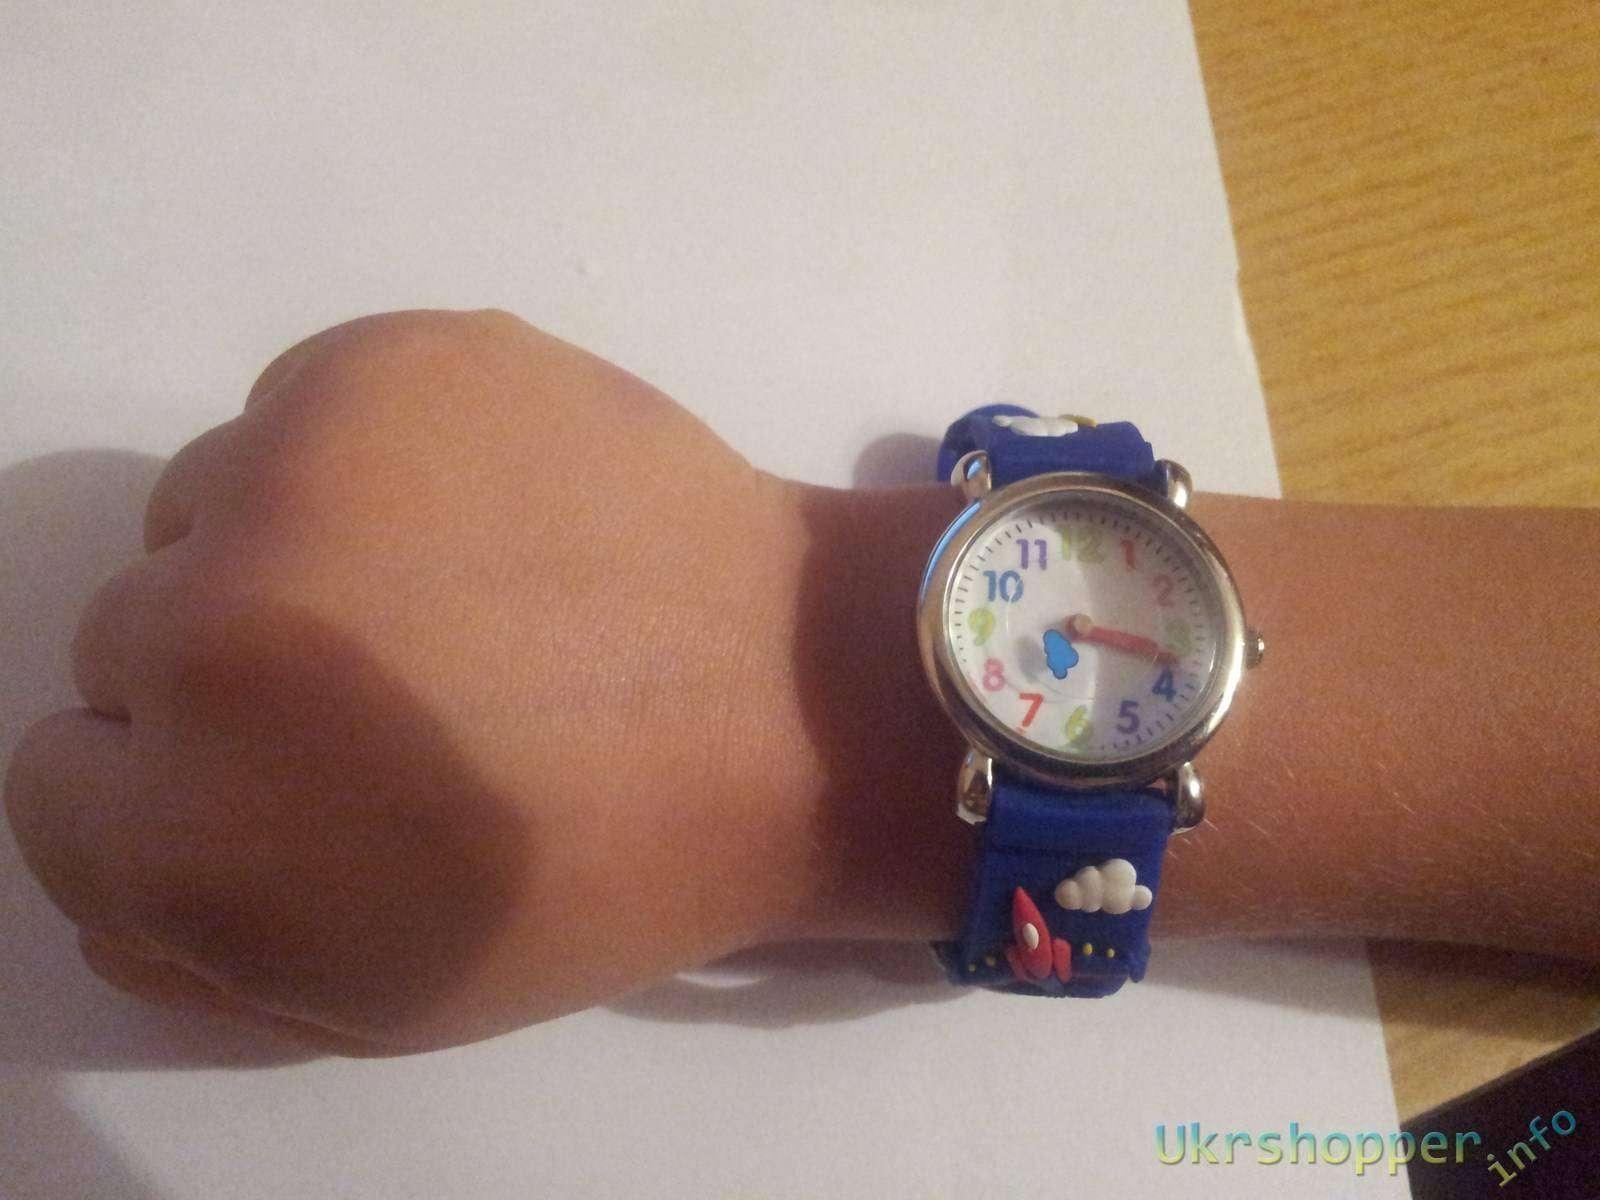 Aliexpress: Обзор приятных детских наручных часов с самолетиками